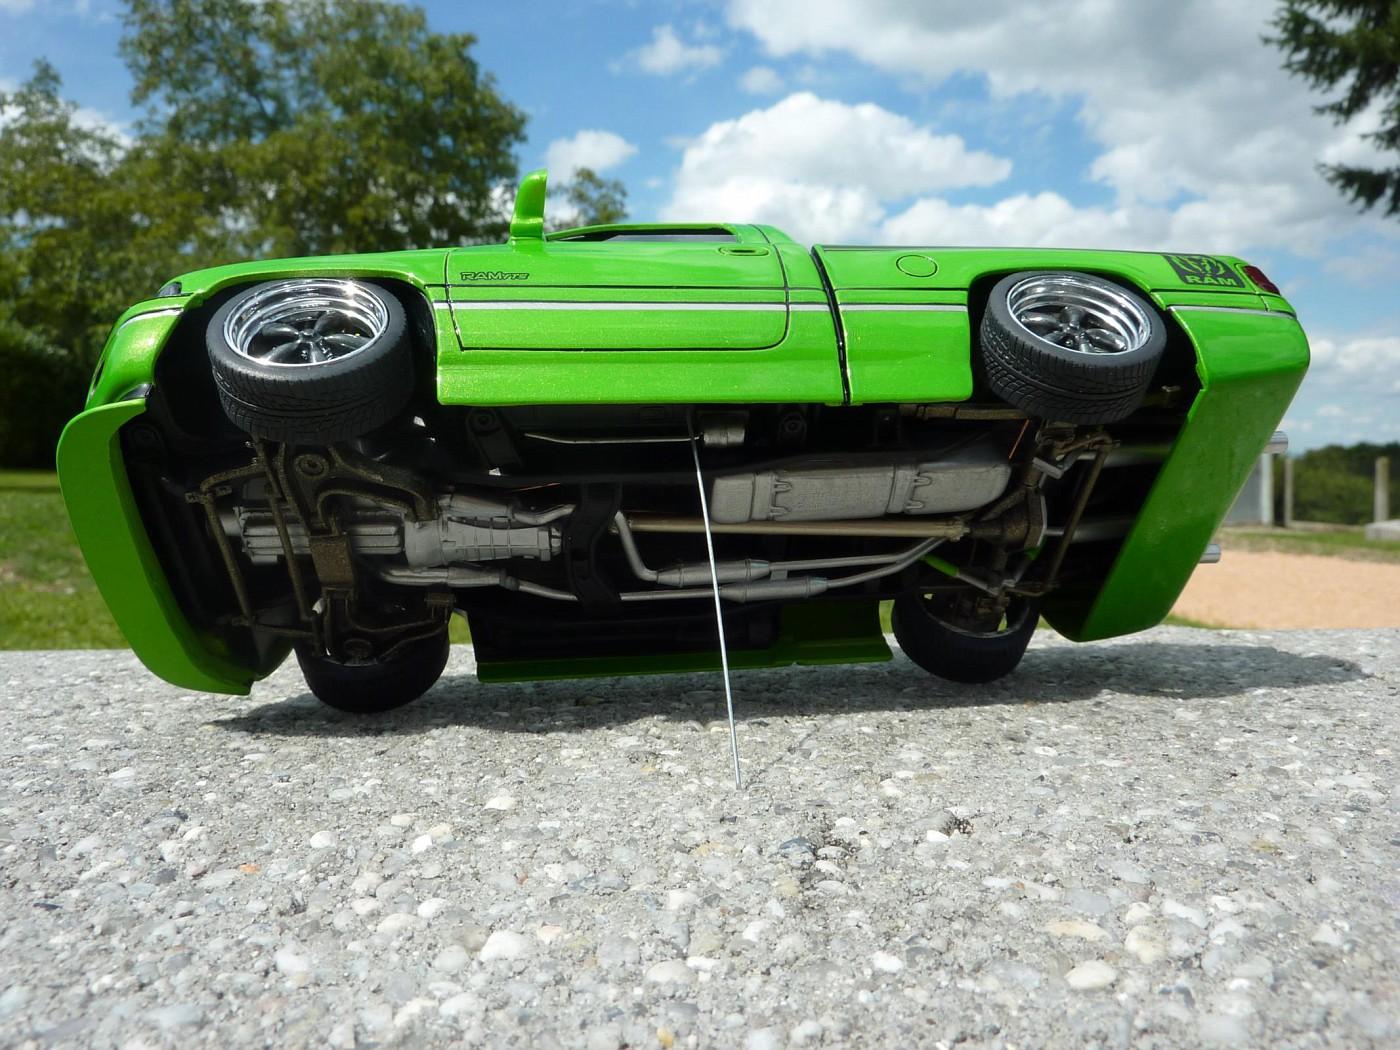 Van Chevy 75 (Vantasy) terminé - Page 5 Photo7-vi